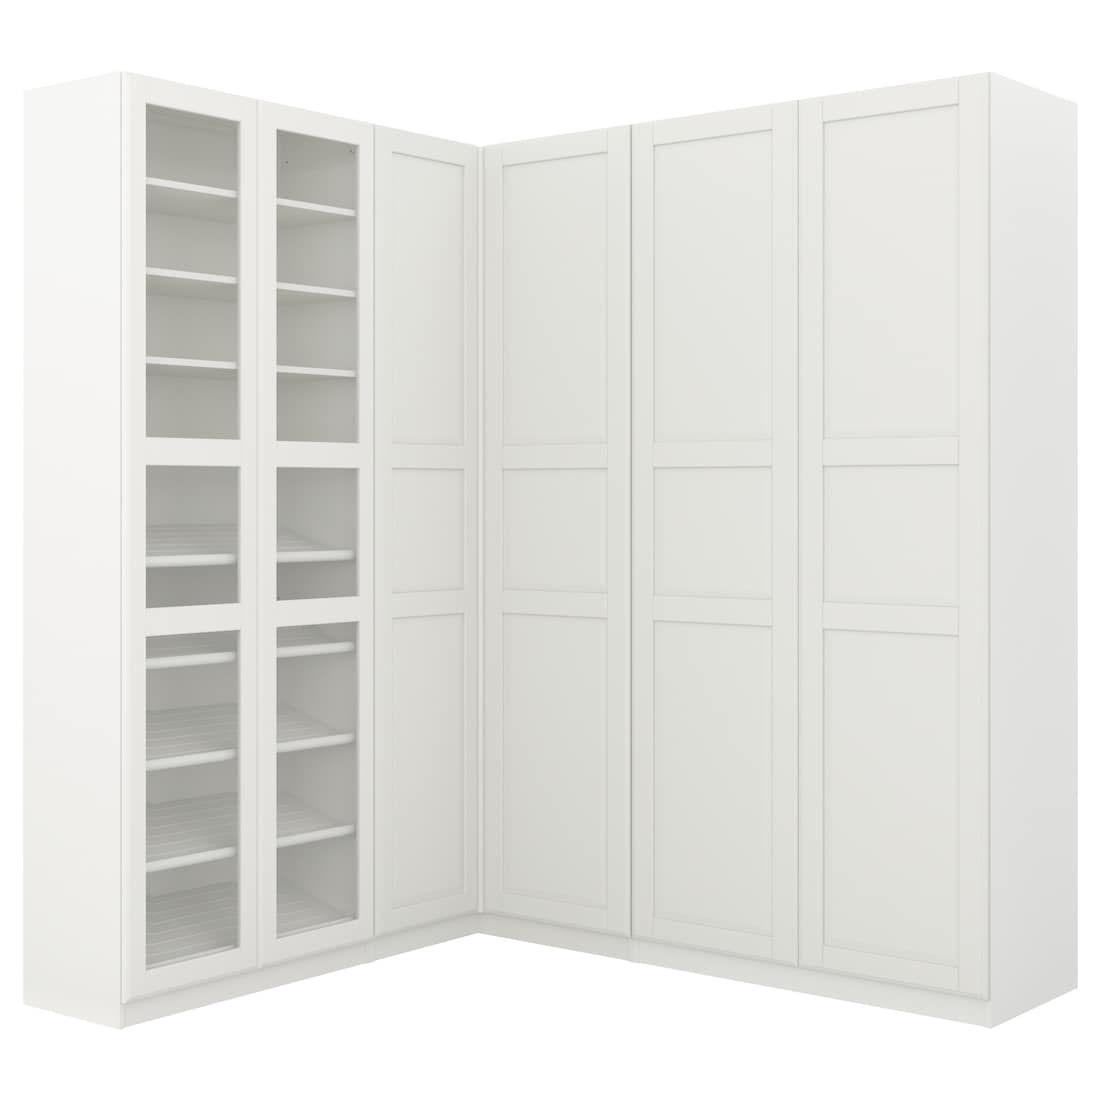 Pax Armoire D Angle Blanc Tyssedal Tyssedal Verre 210 188x236 Cm Armoire D Angle Panneaux Porte Verre Ikea